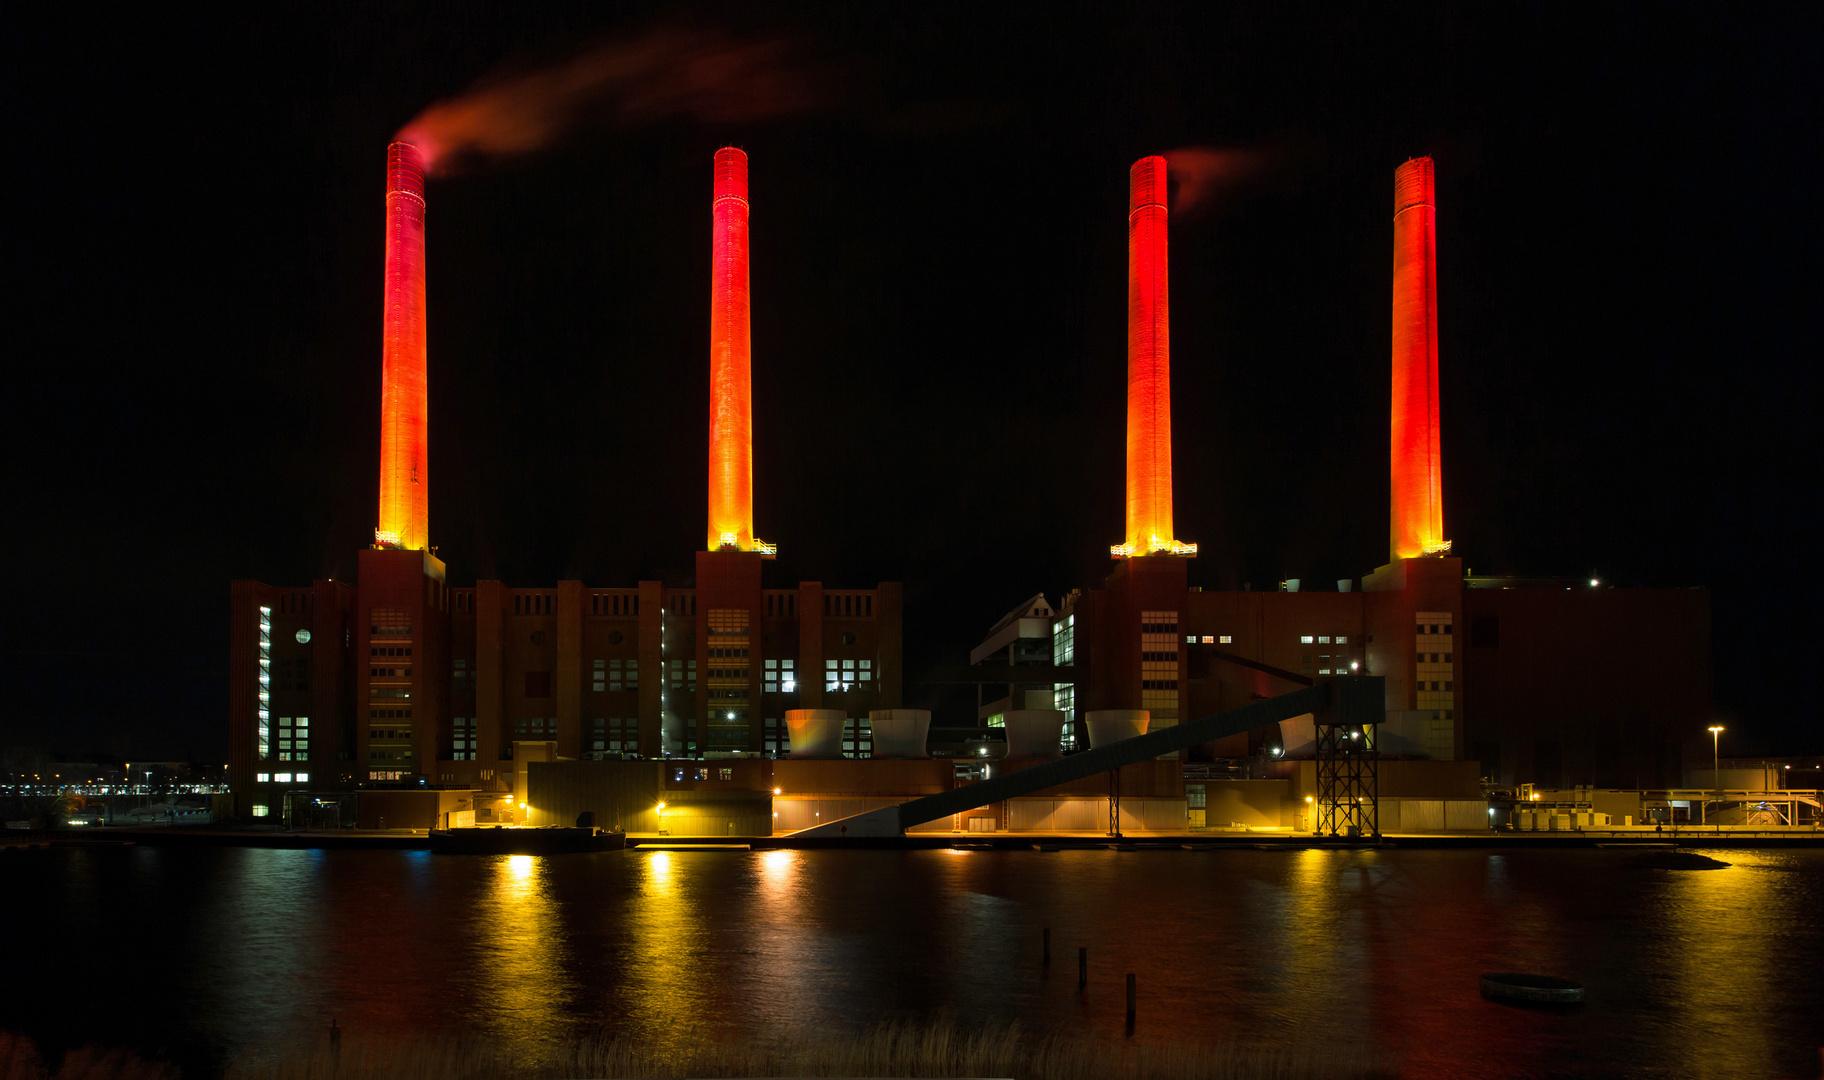 Das alte Heizkraftwerk...